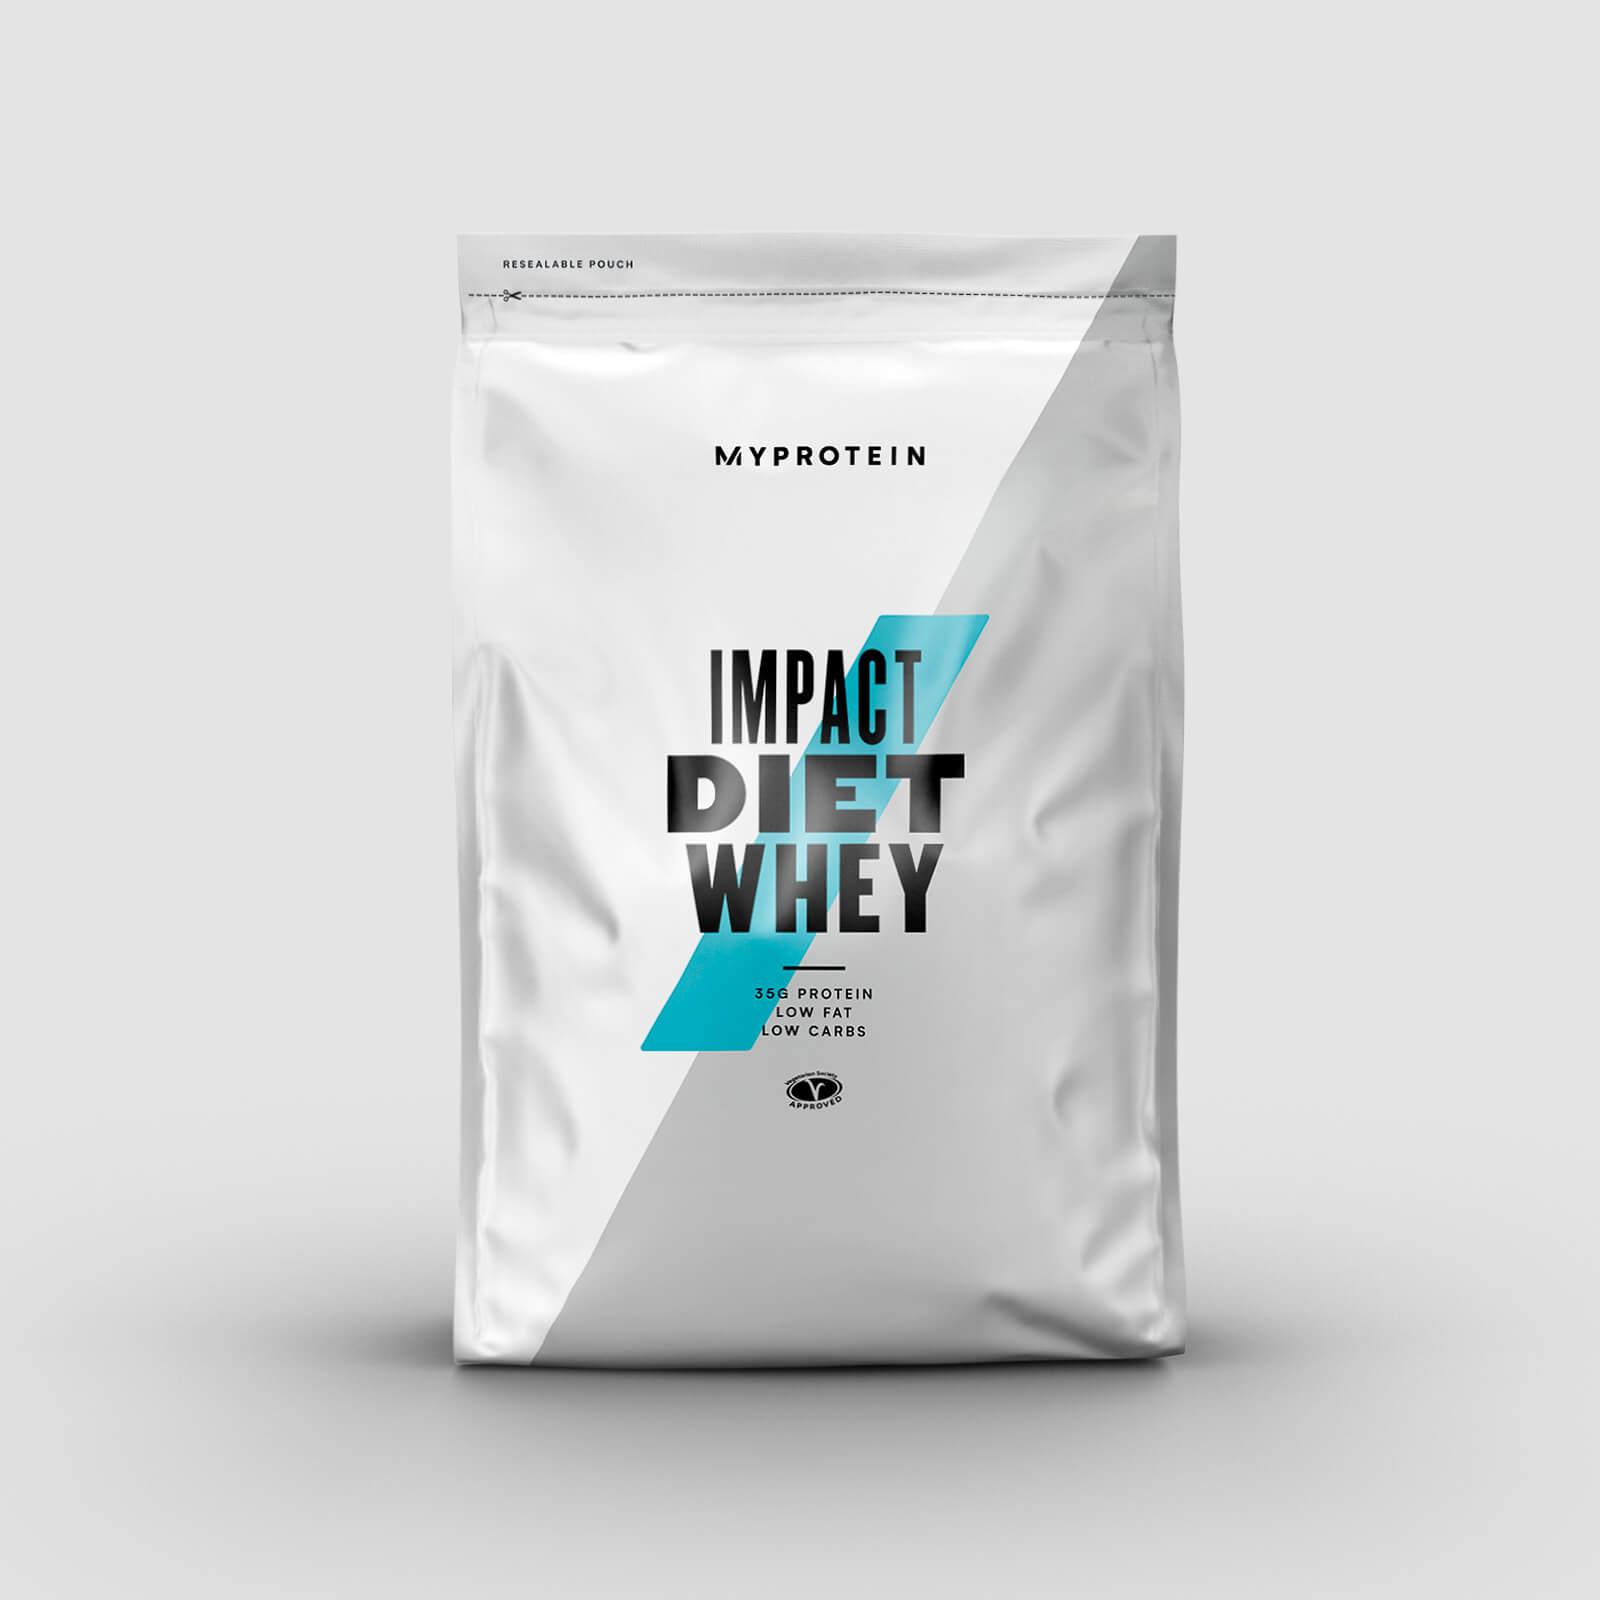 Myprotein Impact Diet Whey - 1kg - Pasta frolla alla fragola